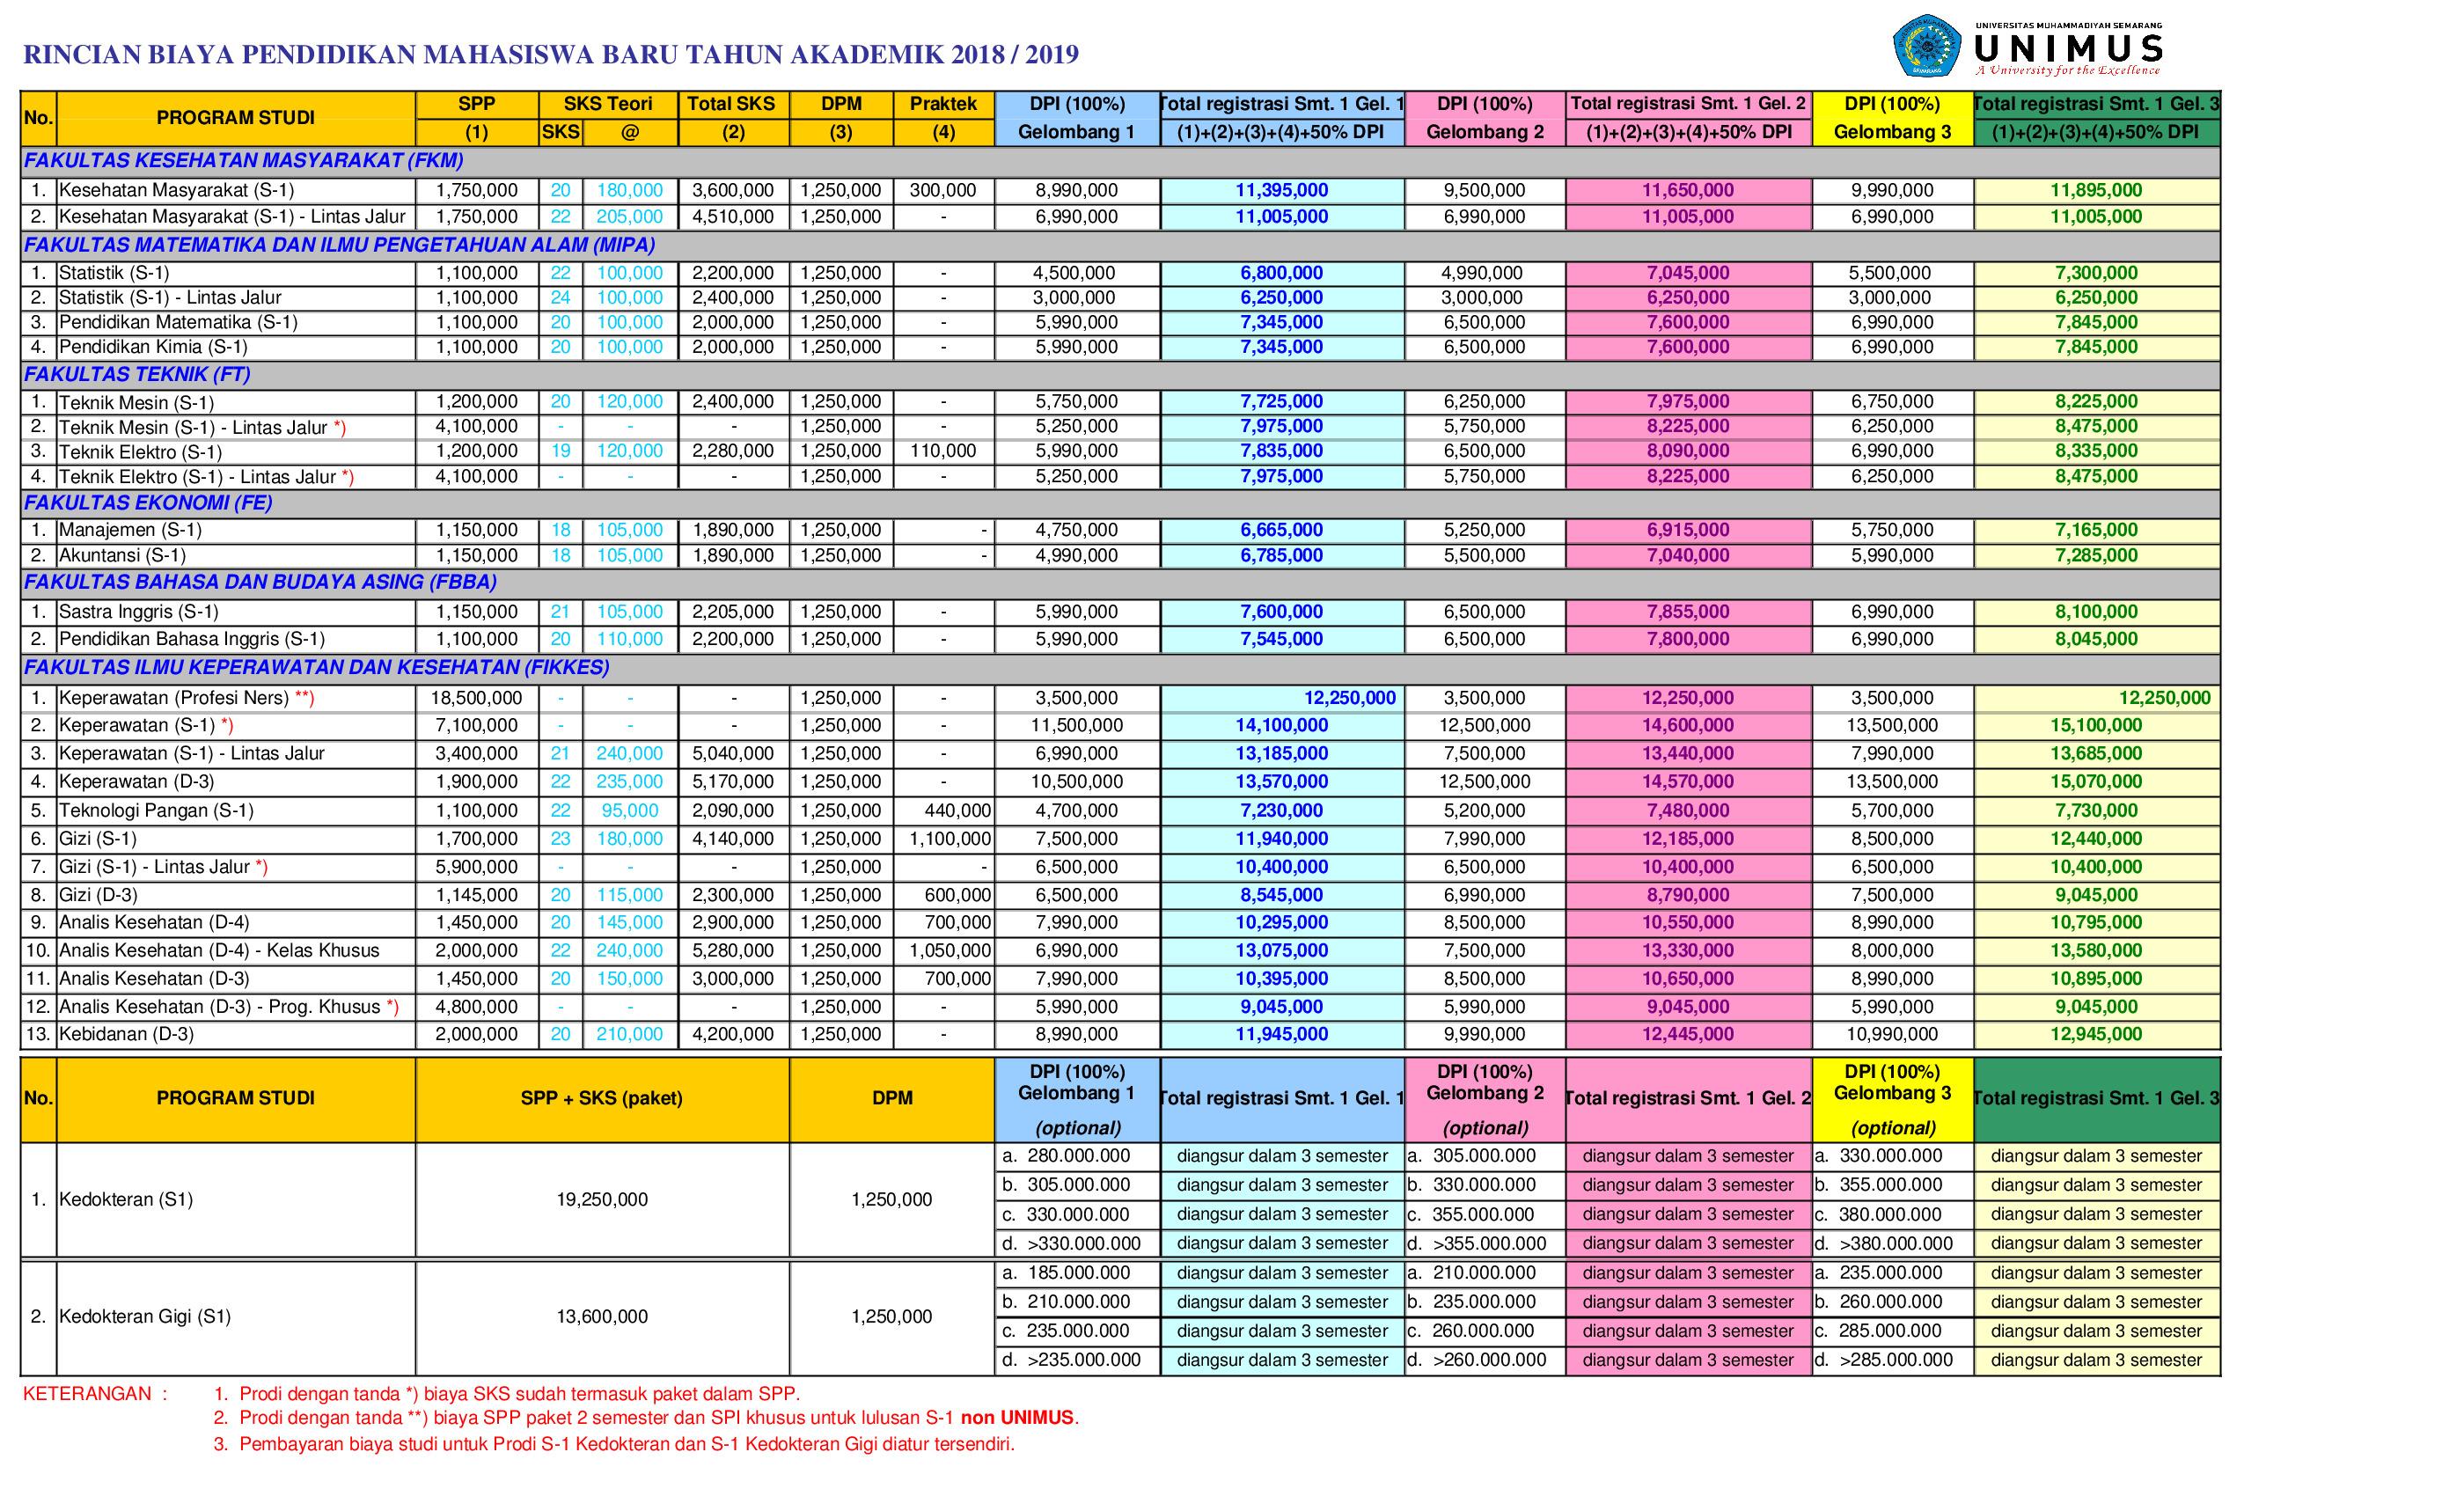 biaya pendidikan unimus 2017-2018